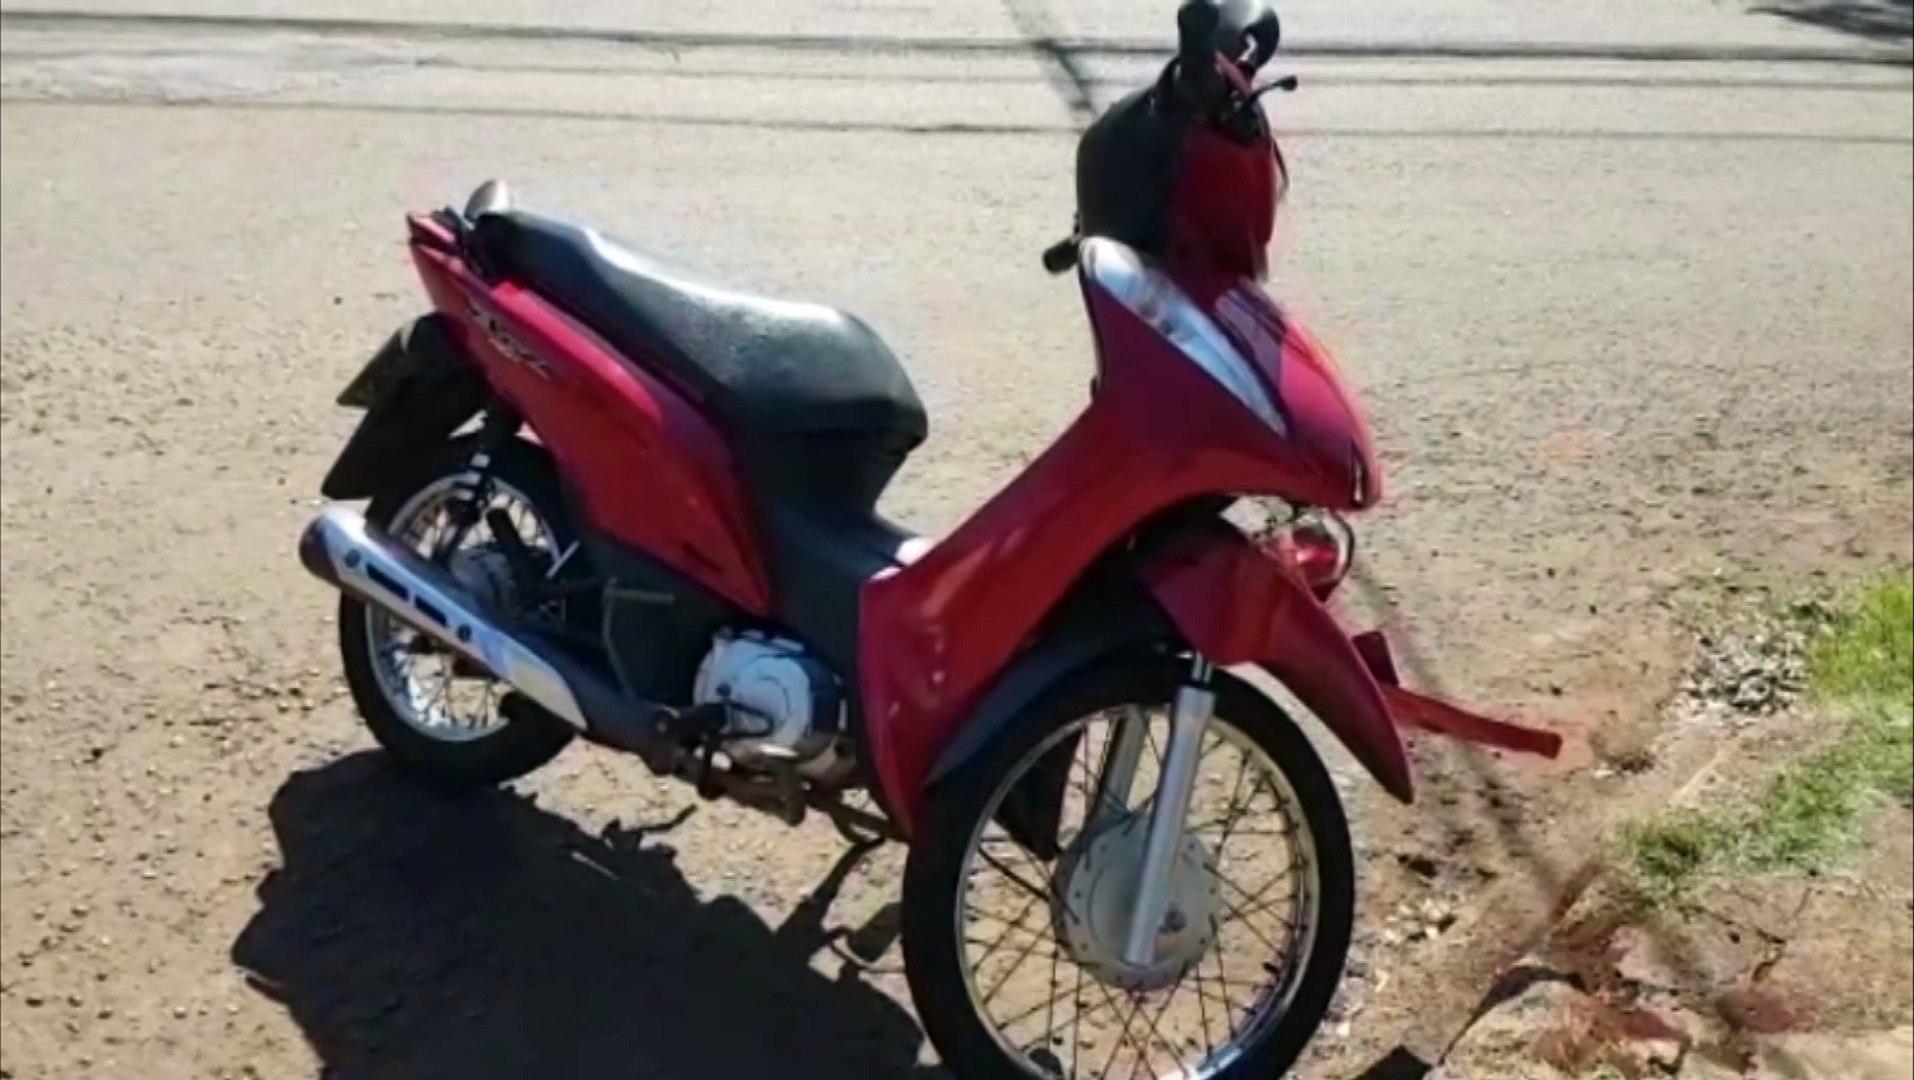 Carro e moto batem no Bairro Santa Cruz, deixando jovem ferida